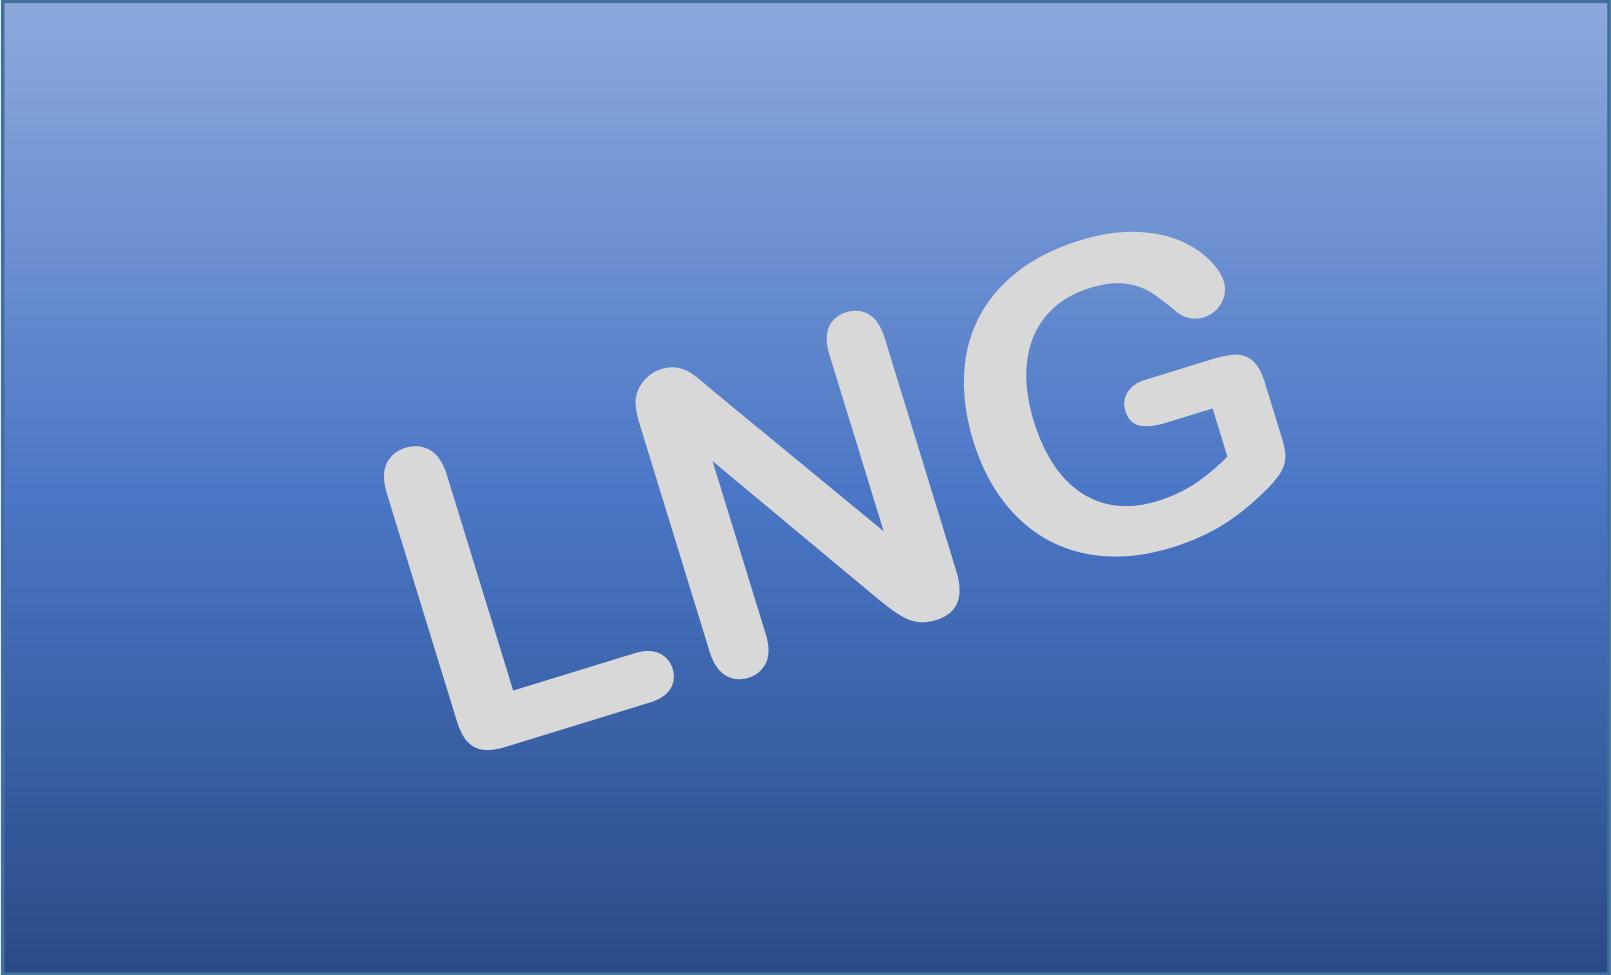 กกพ. ออกใบอนุญาต LNG Shipper ให้ PTTGL-SCG